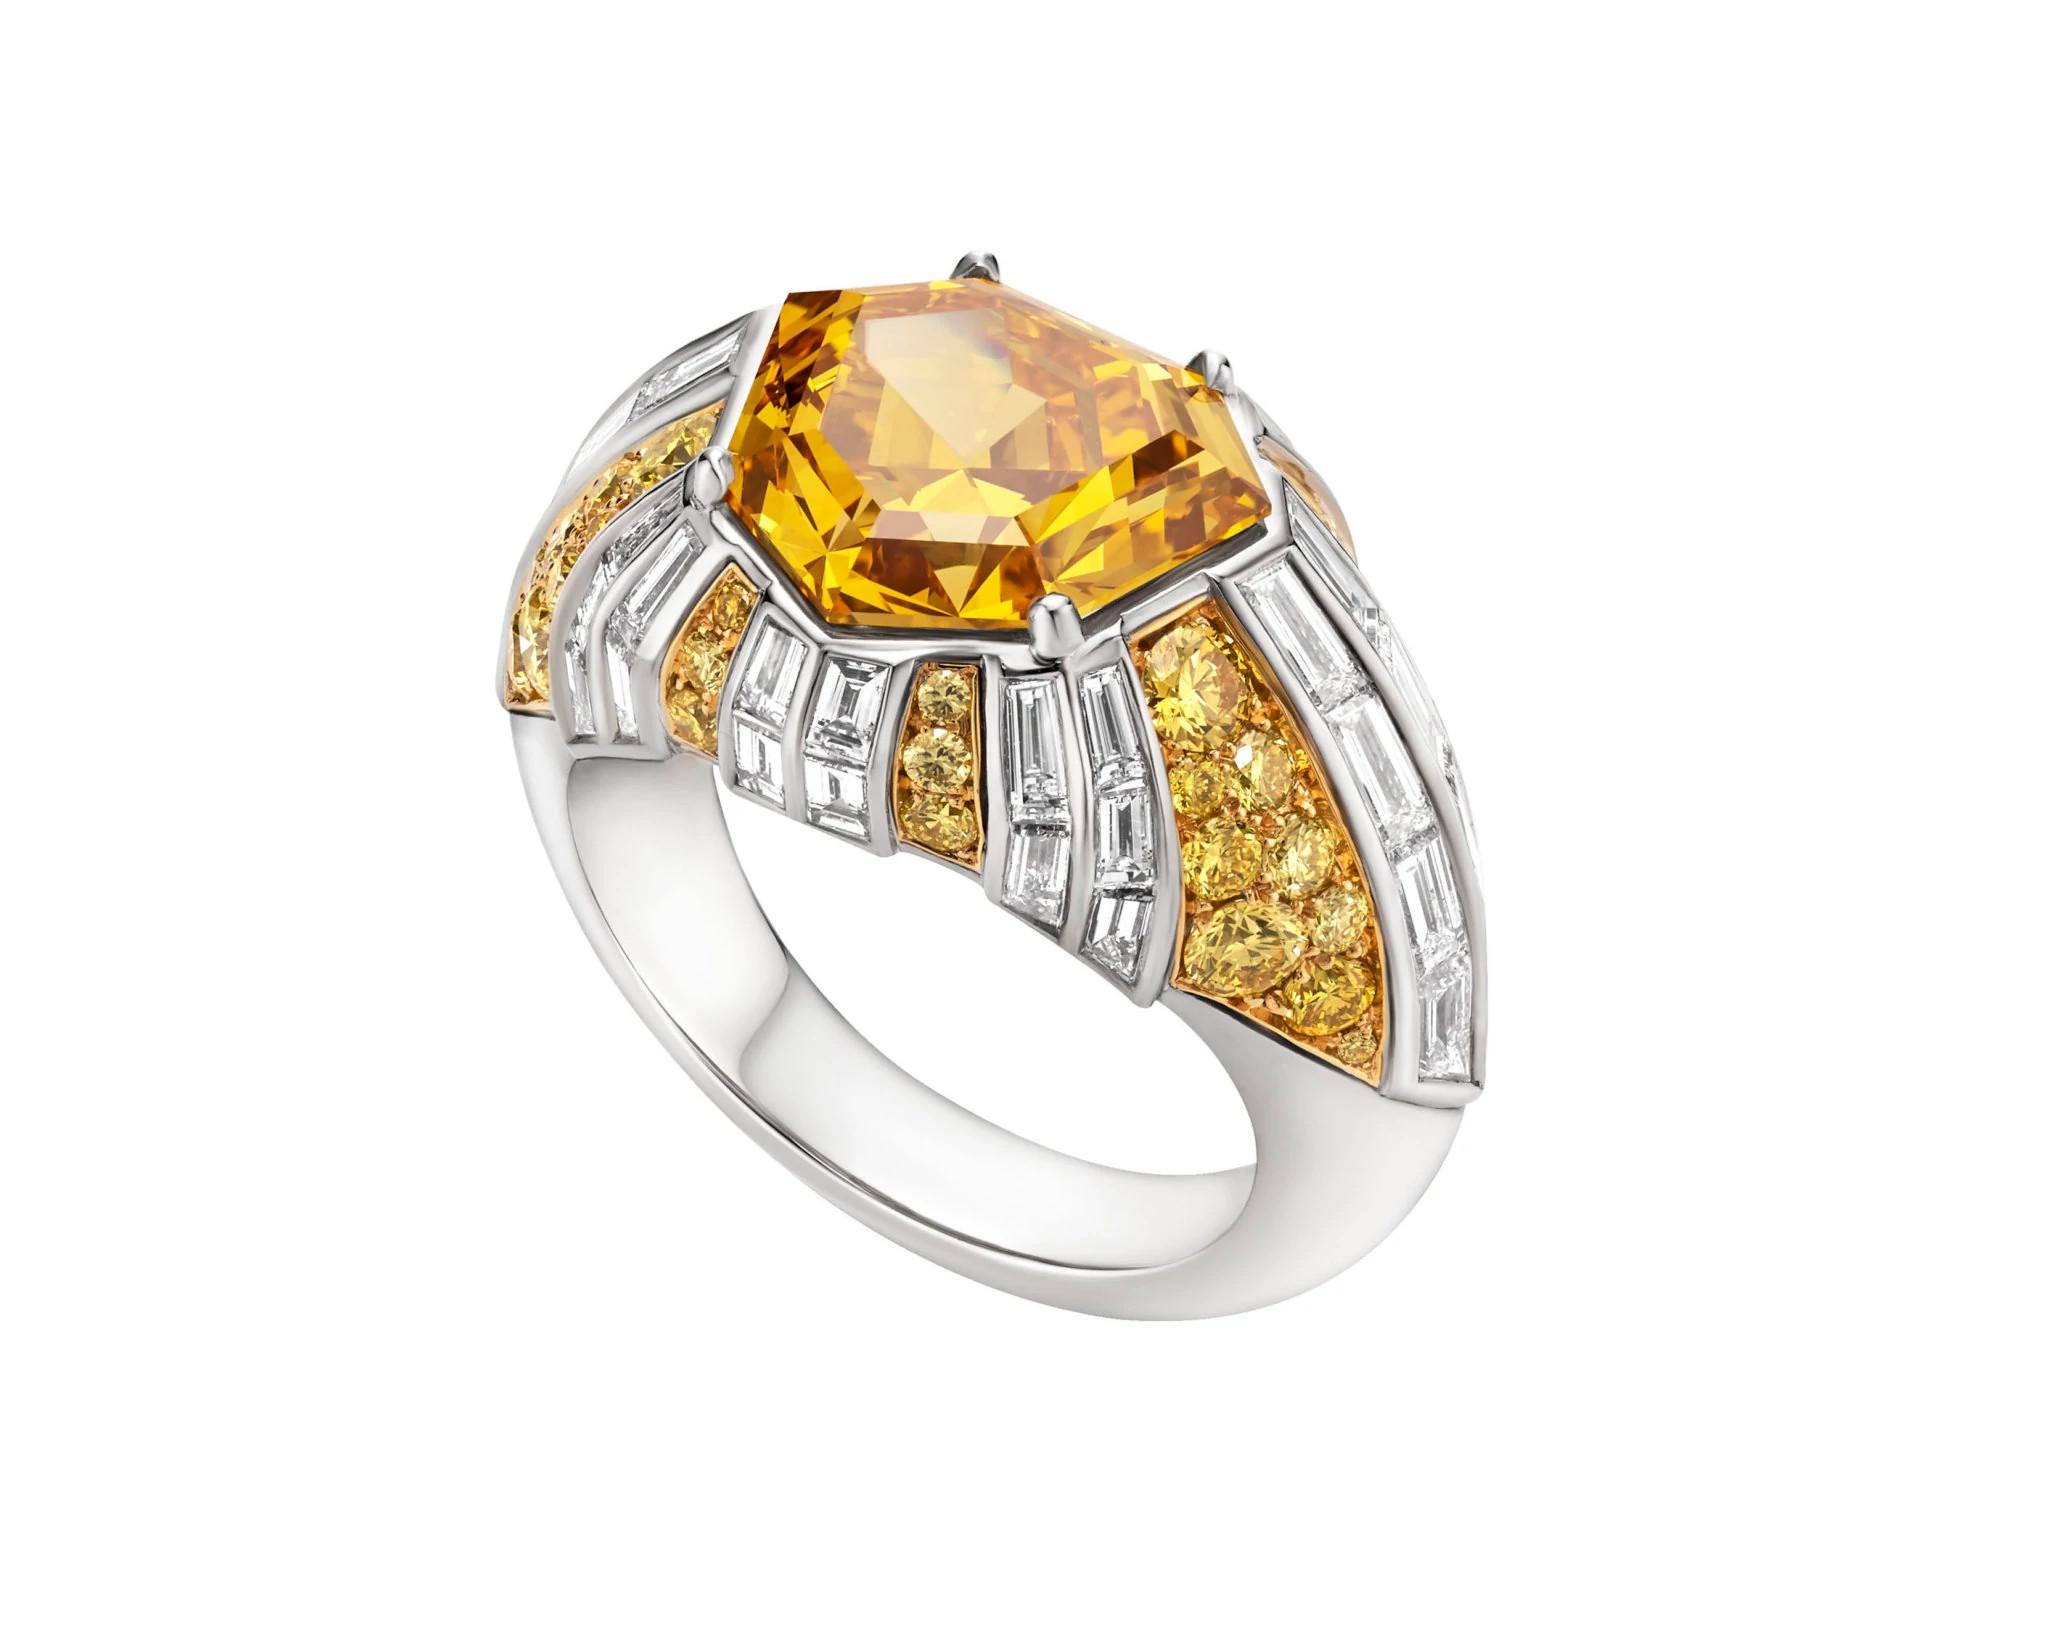 宝格丽5.02克拉黄橙色天然钻石戒指